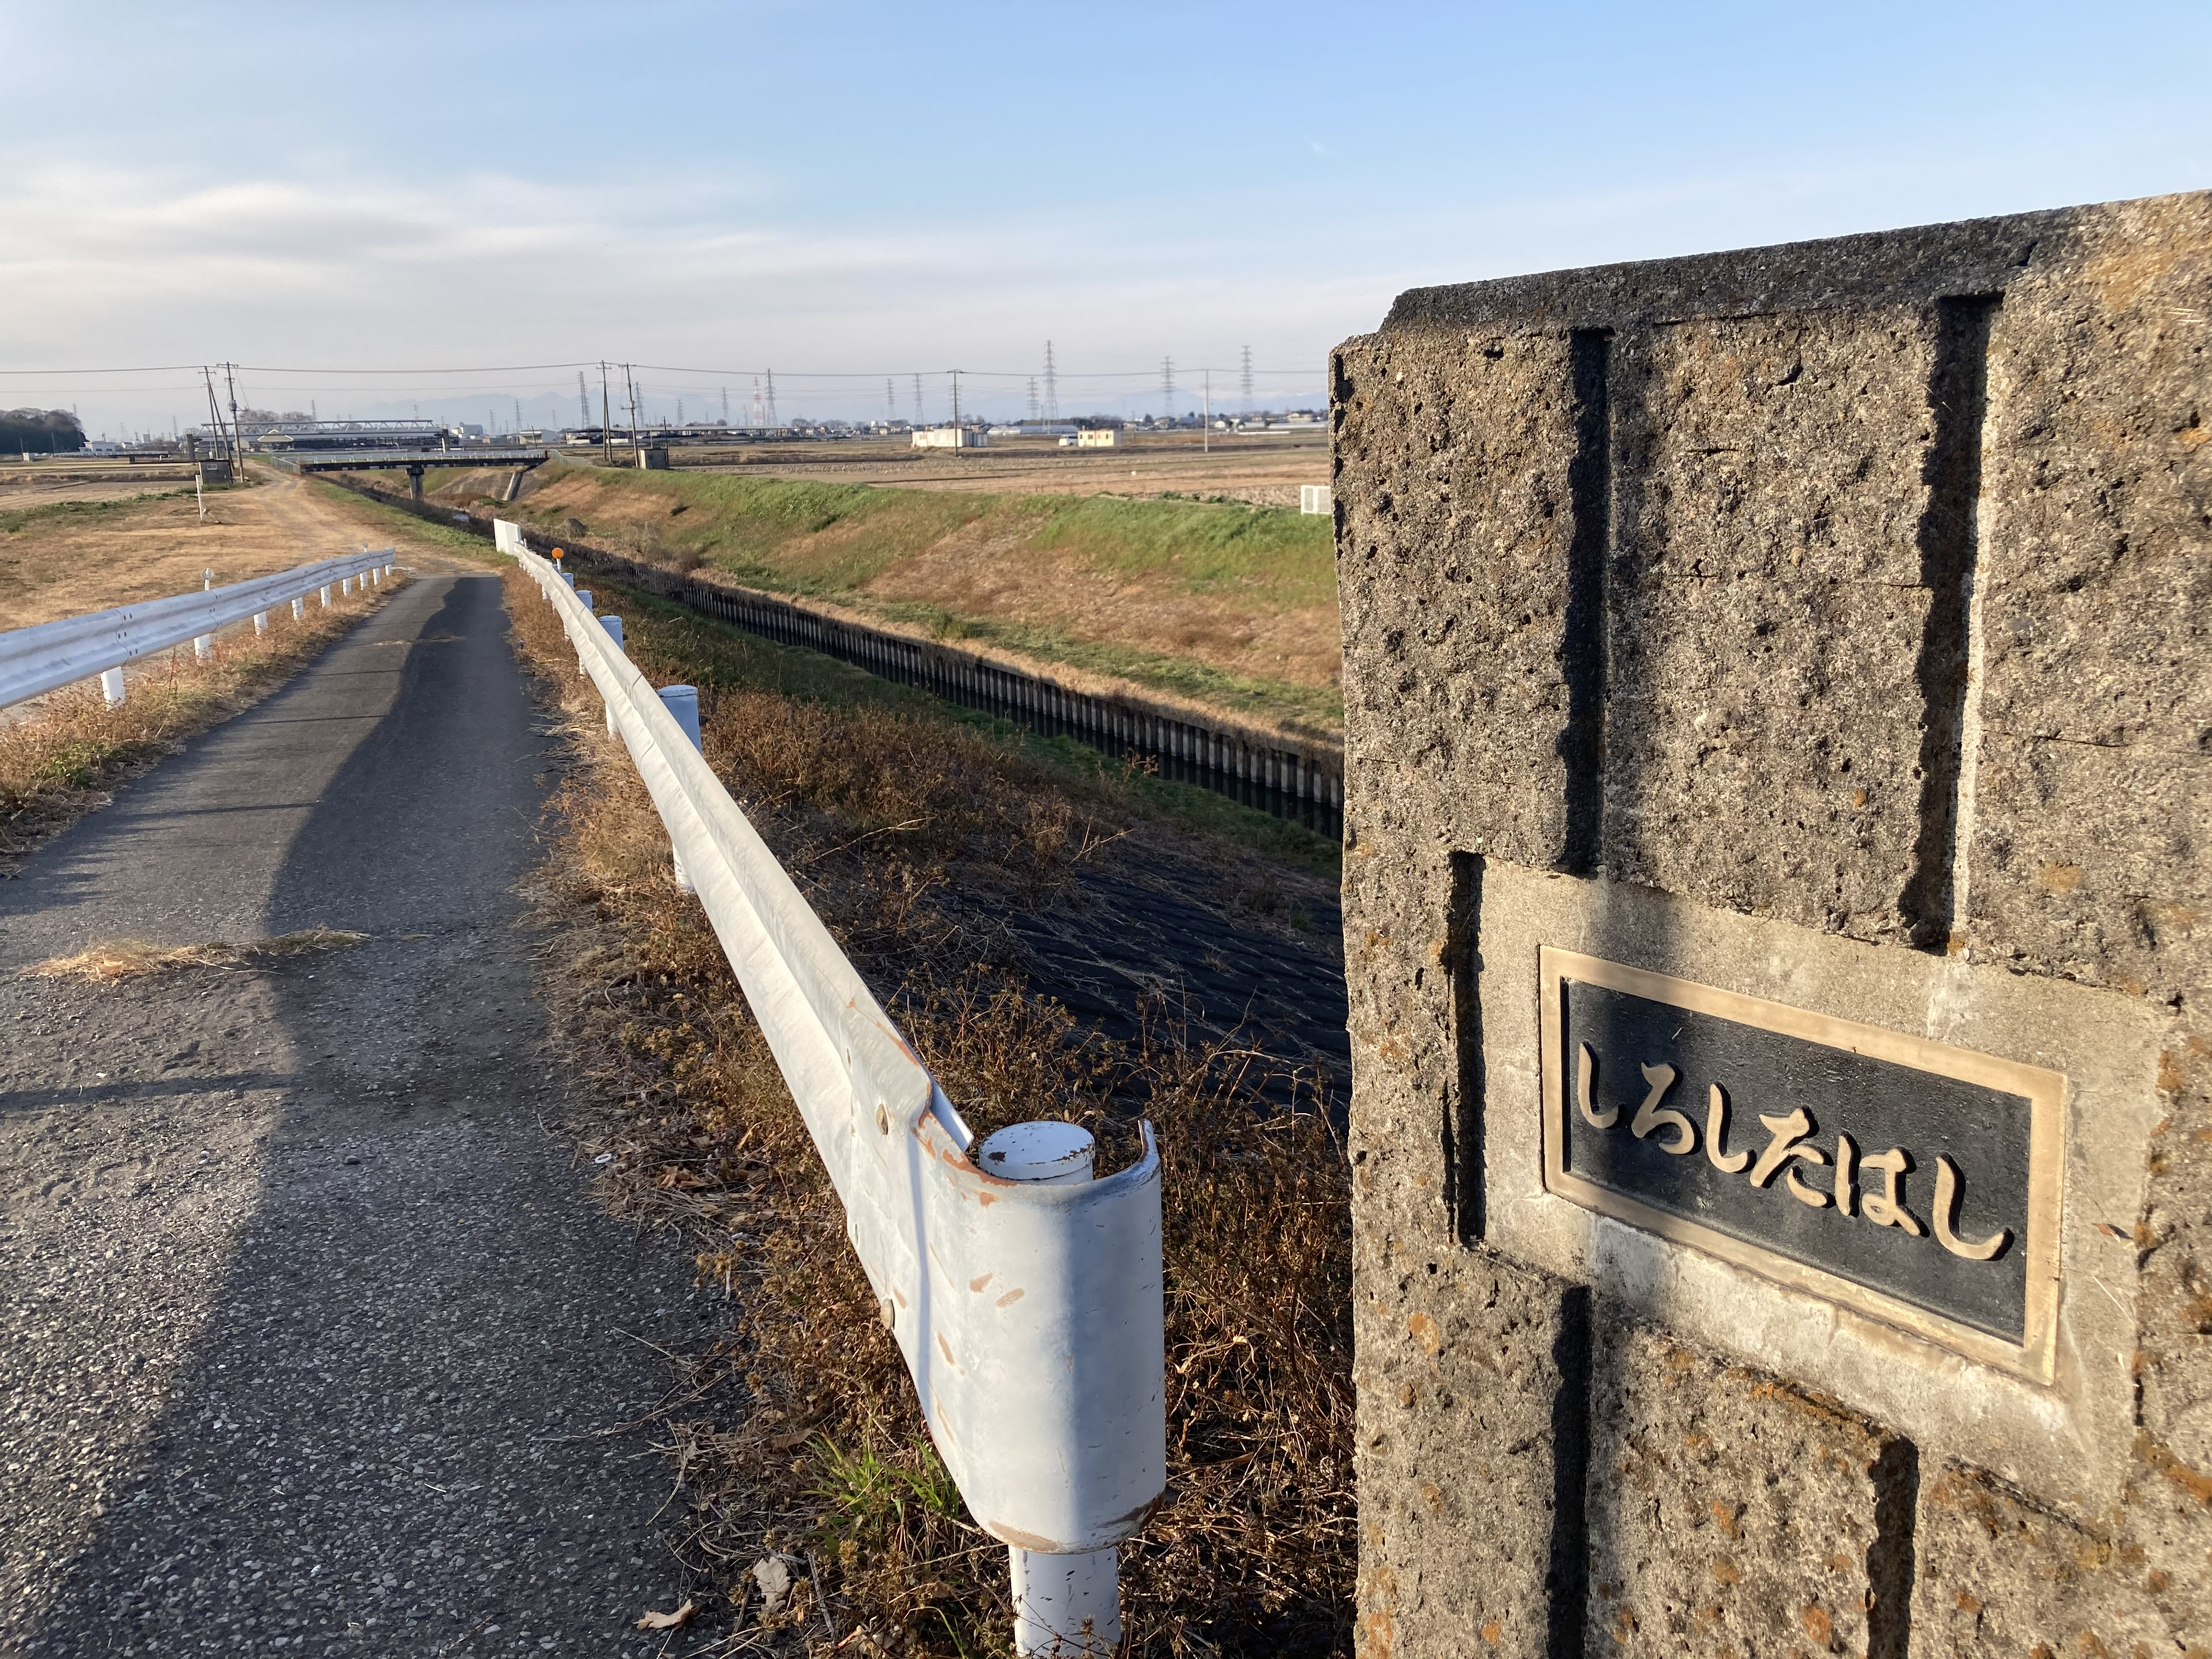 PR素材_12月 福川にかかる「しろしたはし」